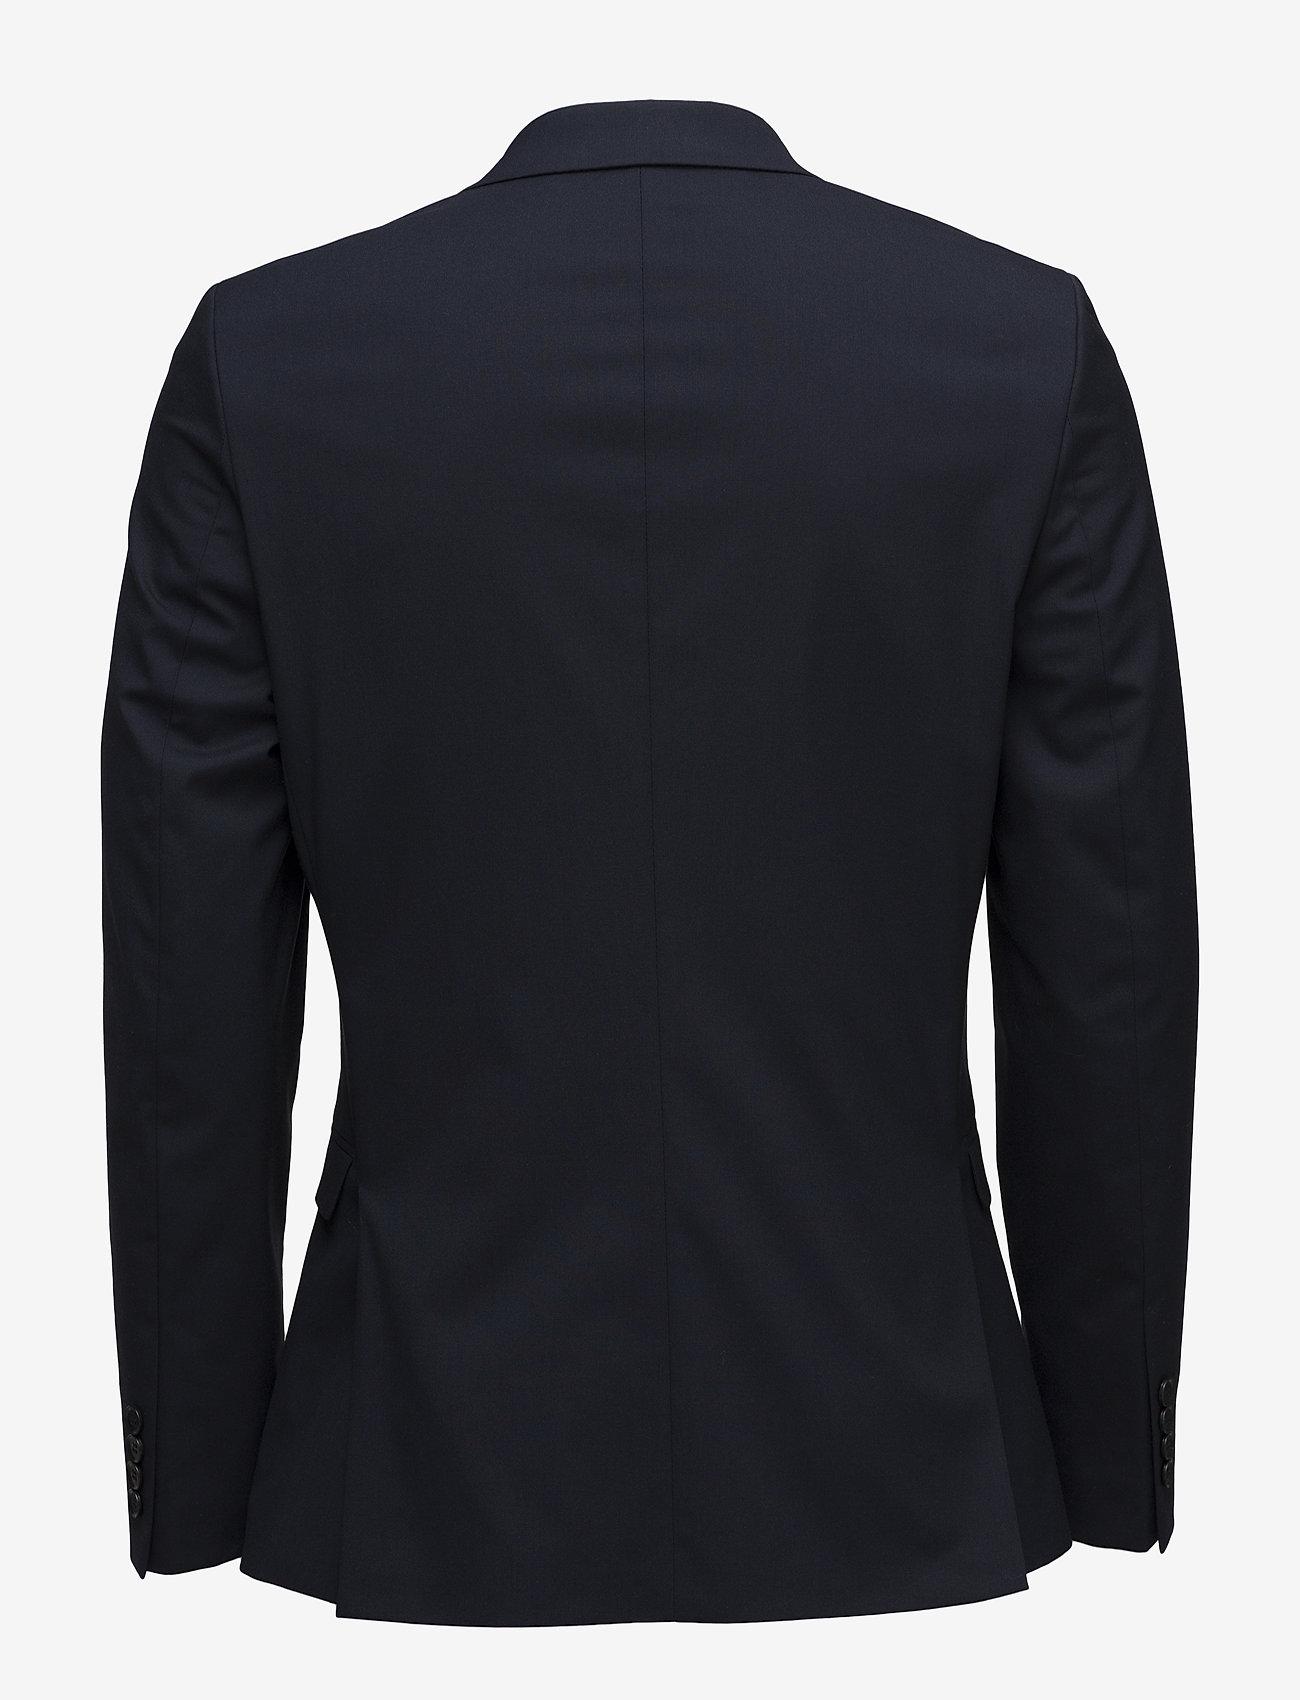 Selected Homme - SLHSLIM-MYLOLOGAN NAVY BLAZER B - single breasted blazers - navy blazer - 1